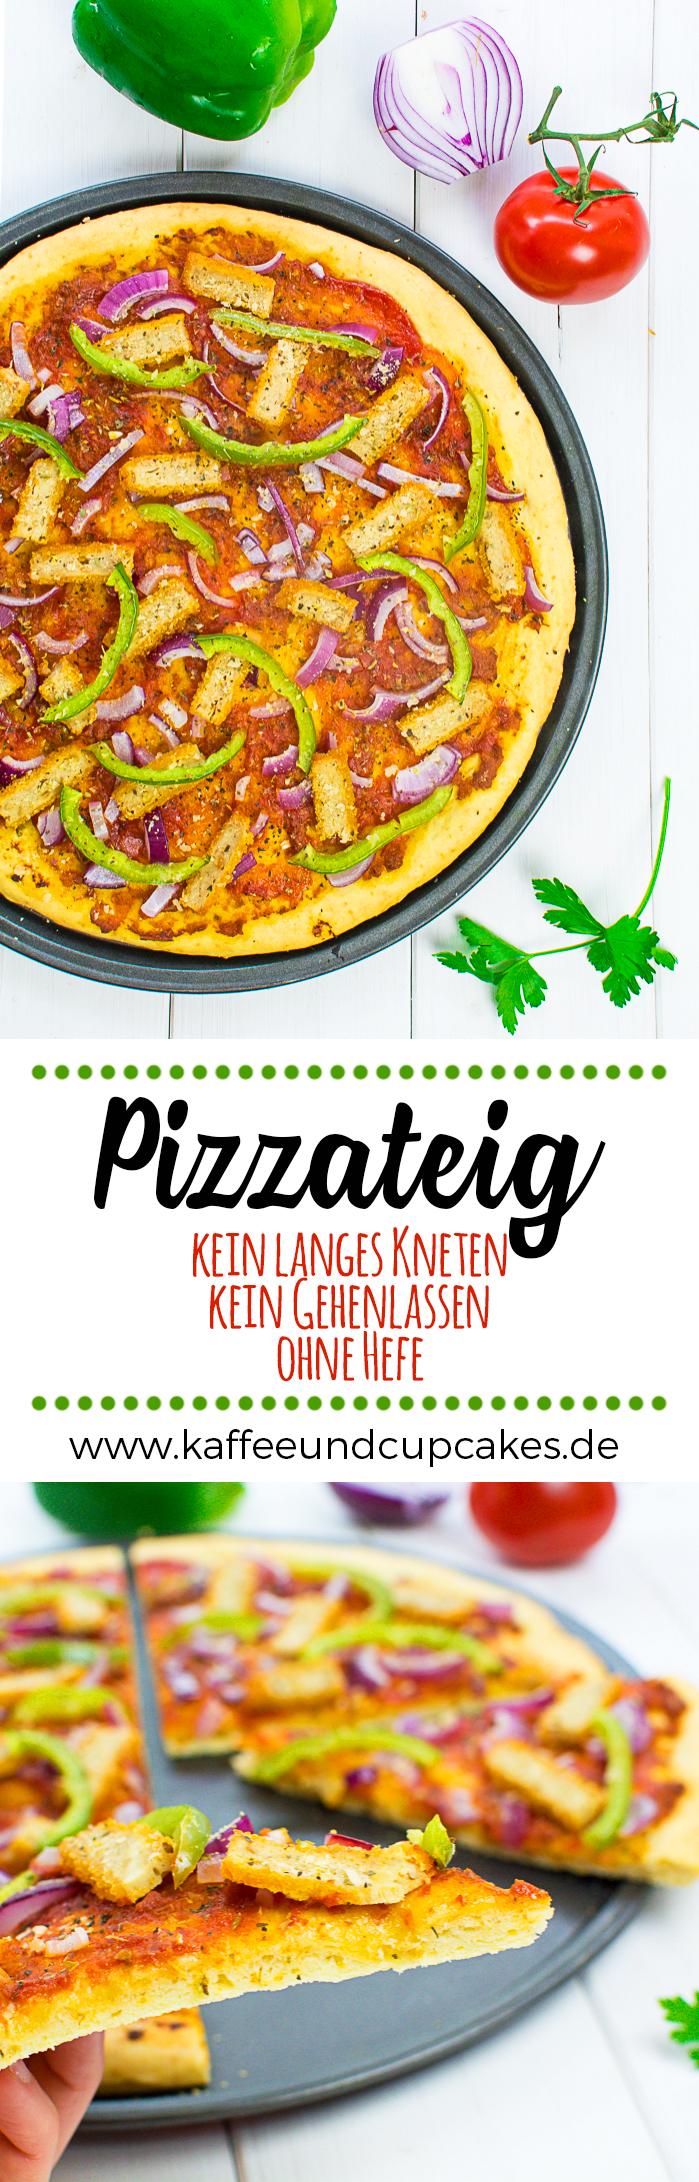 Einfacher, schneller Pizzateig ohne Hefe (kein langes Kneten, kein Gehenlassen)